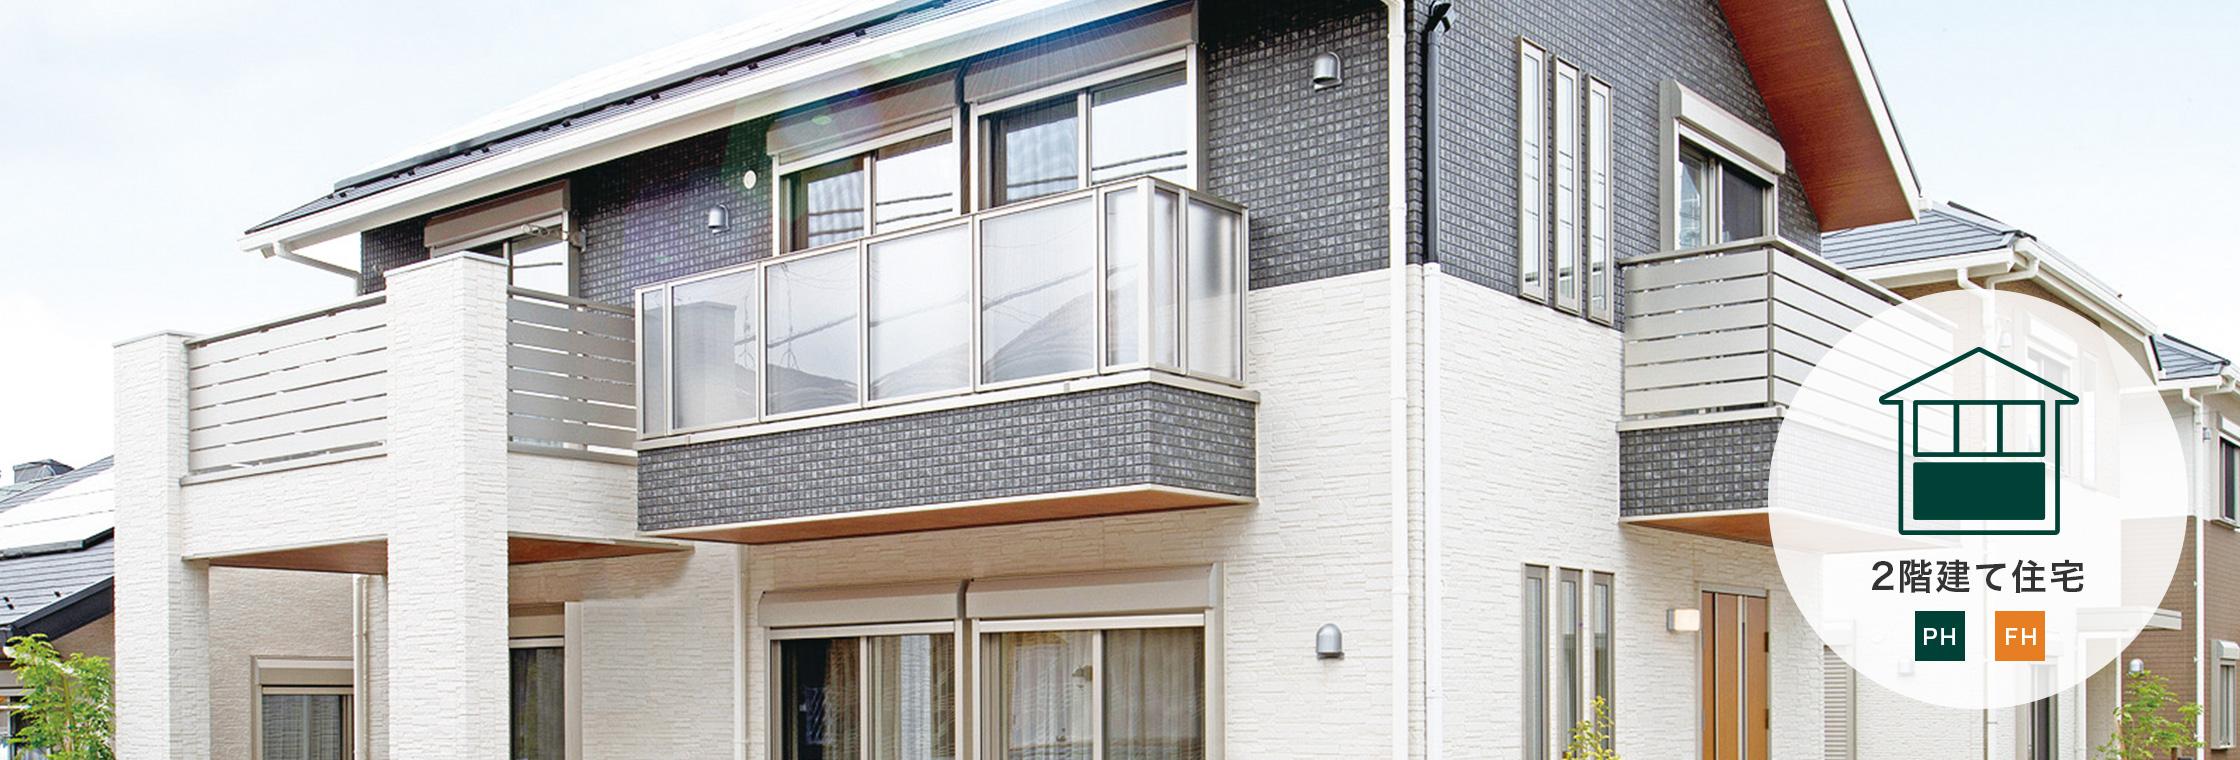 2階建て住宅 最高等級品質住宅...